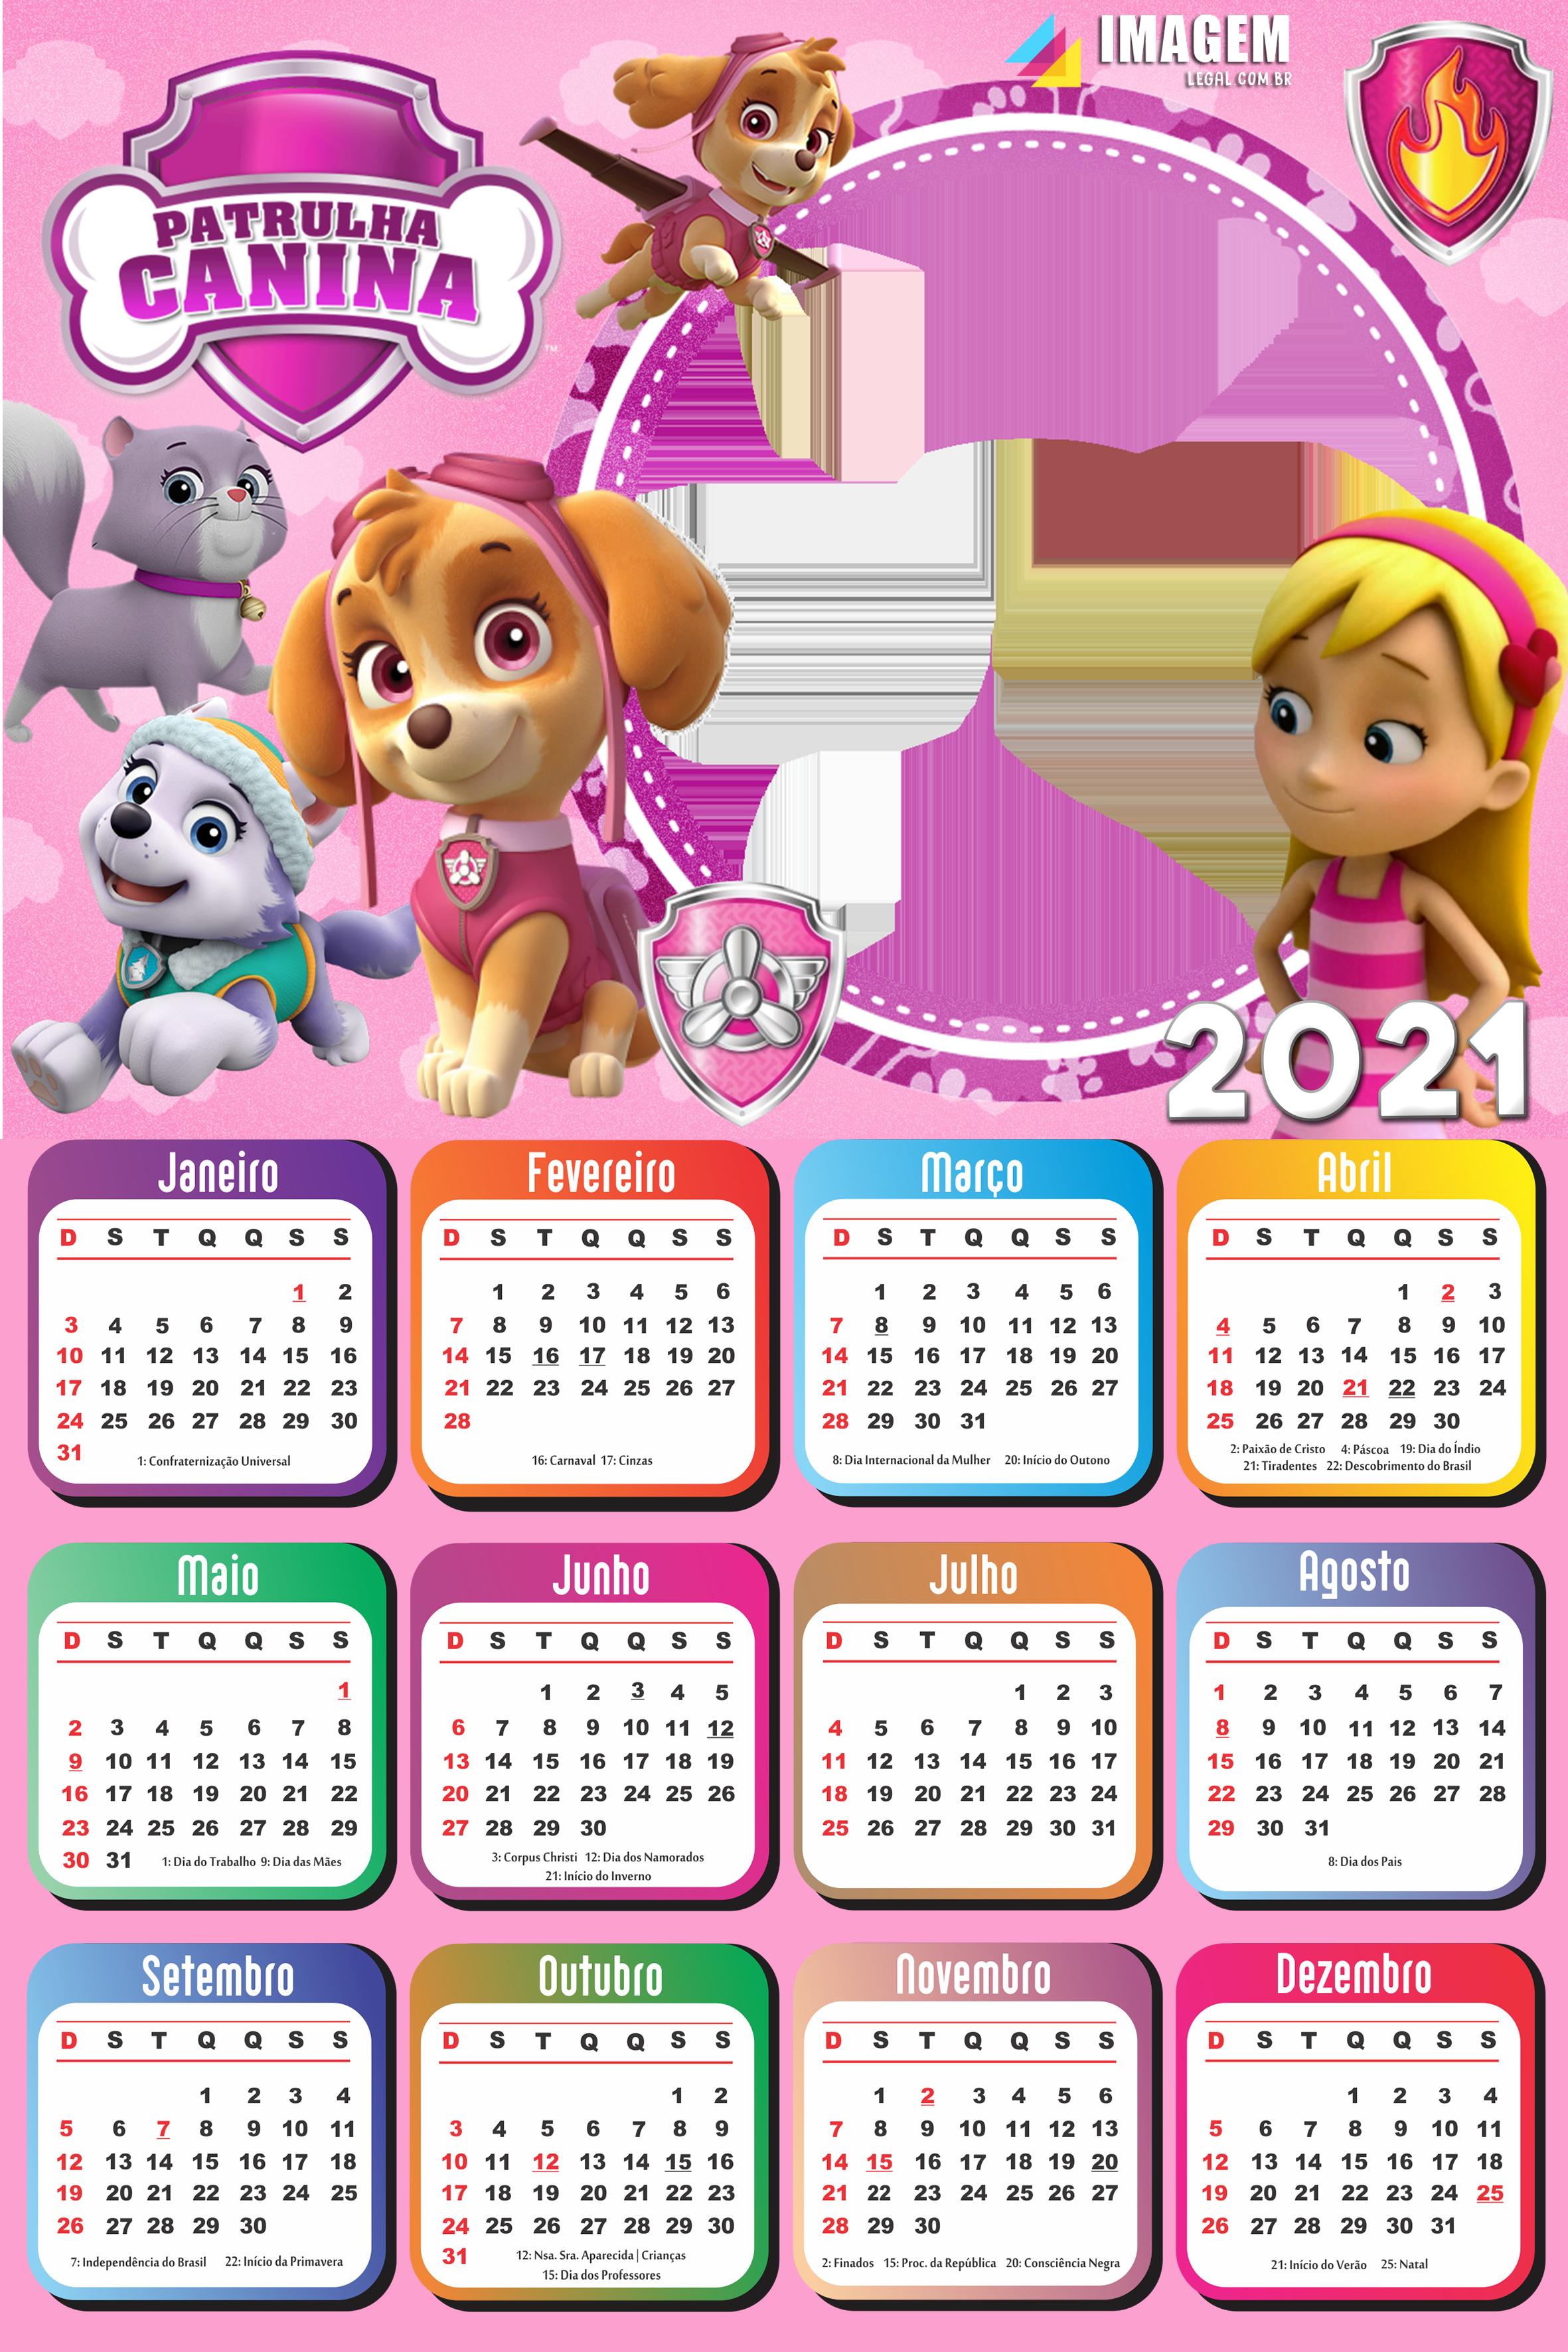 Calendário 2021 Patrulha Canina para Meninas | Imagem Legal em